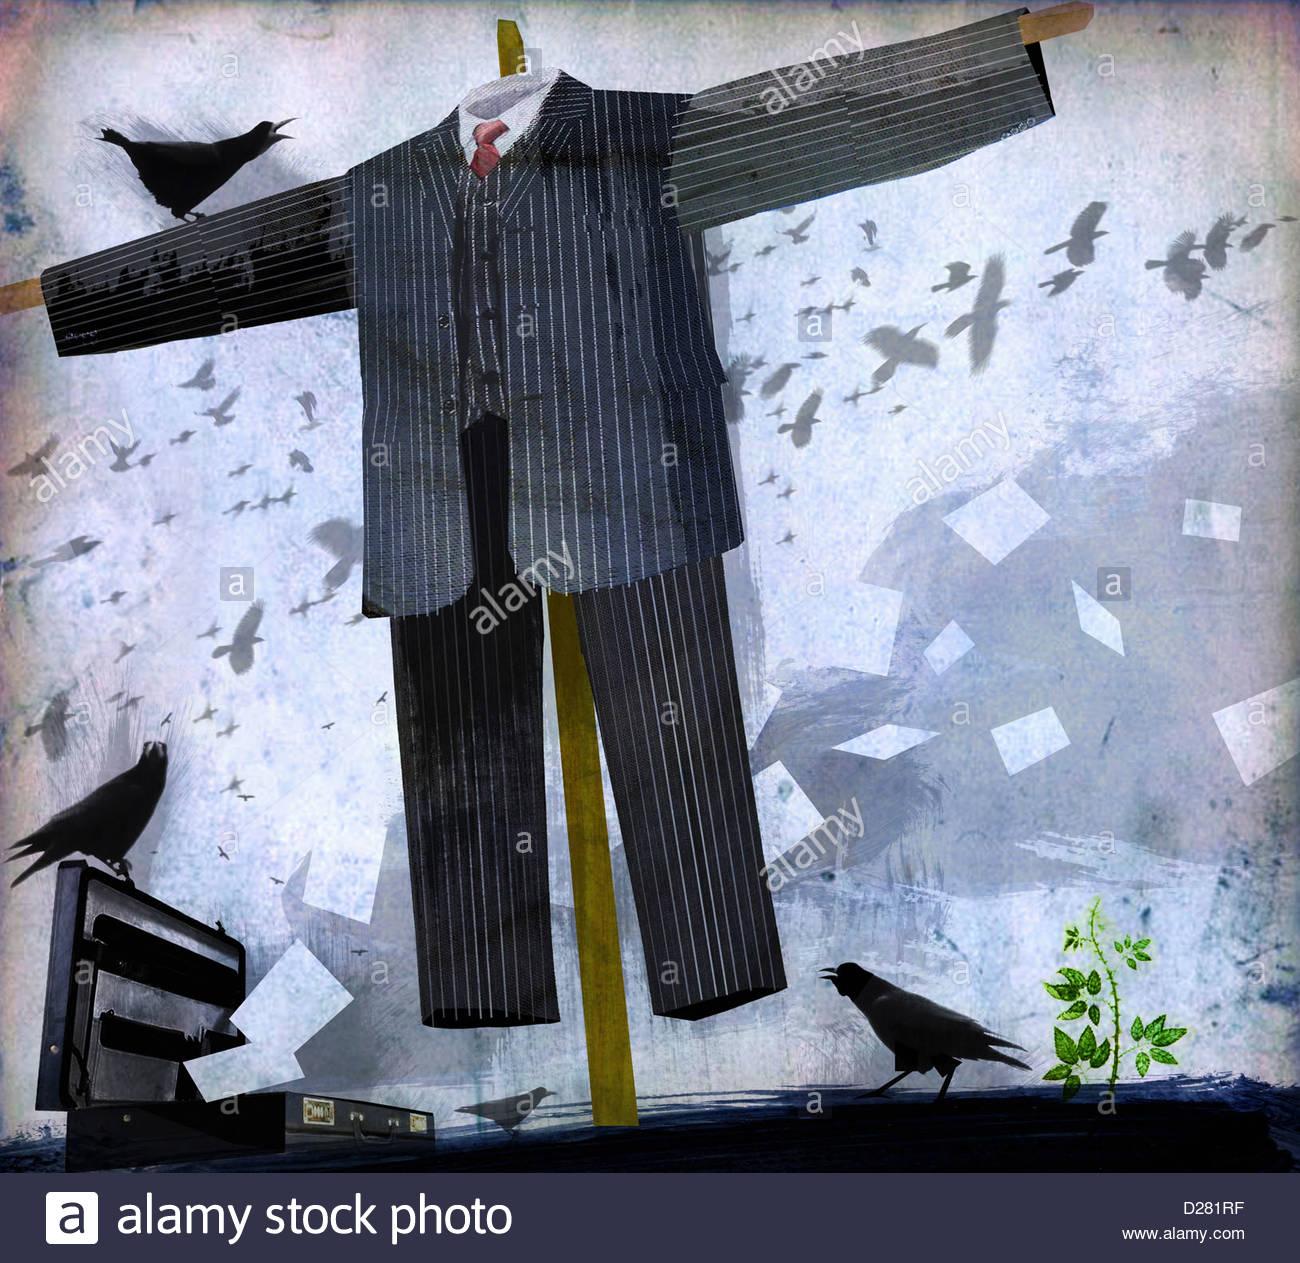 Businessman scarecrow Photo Stock